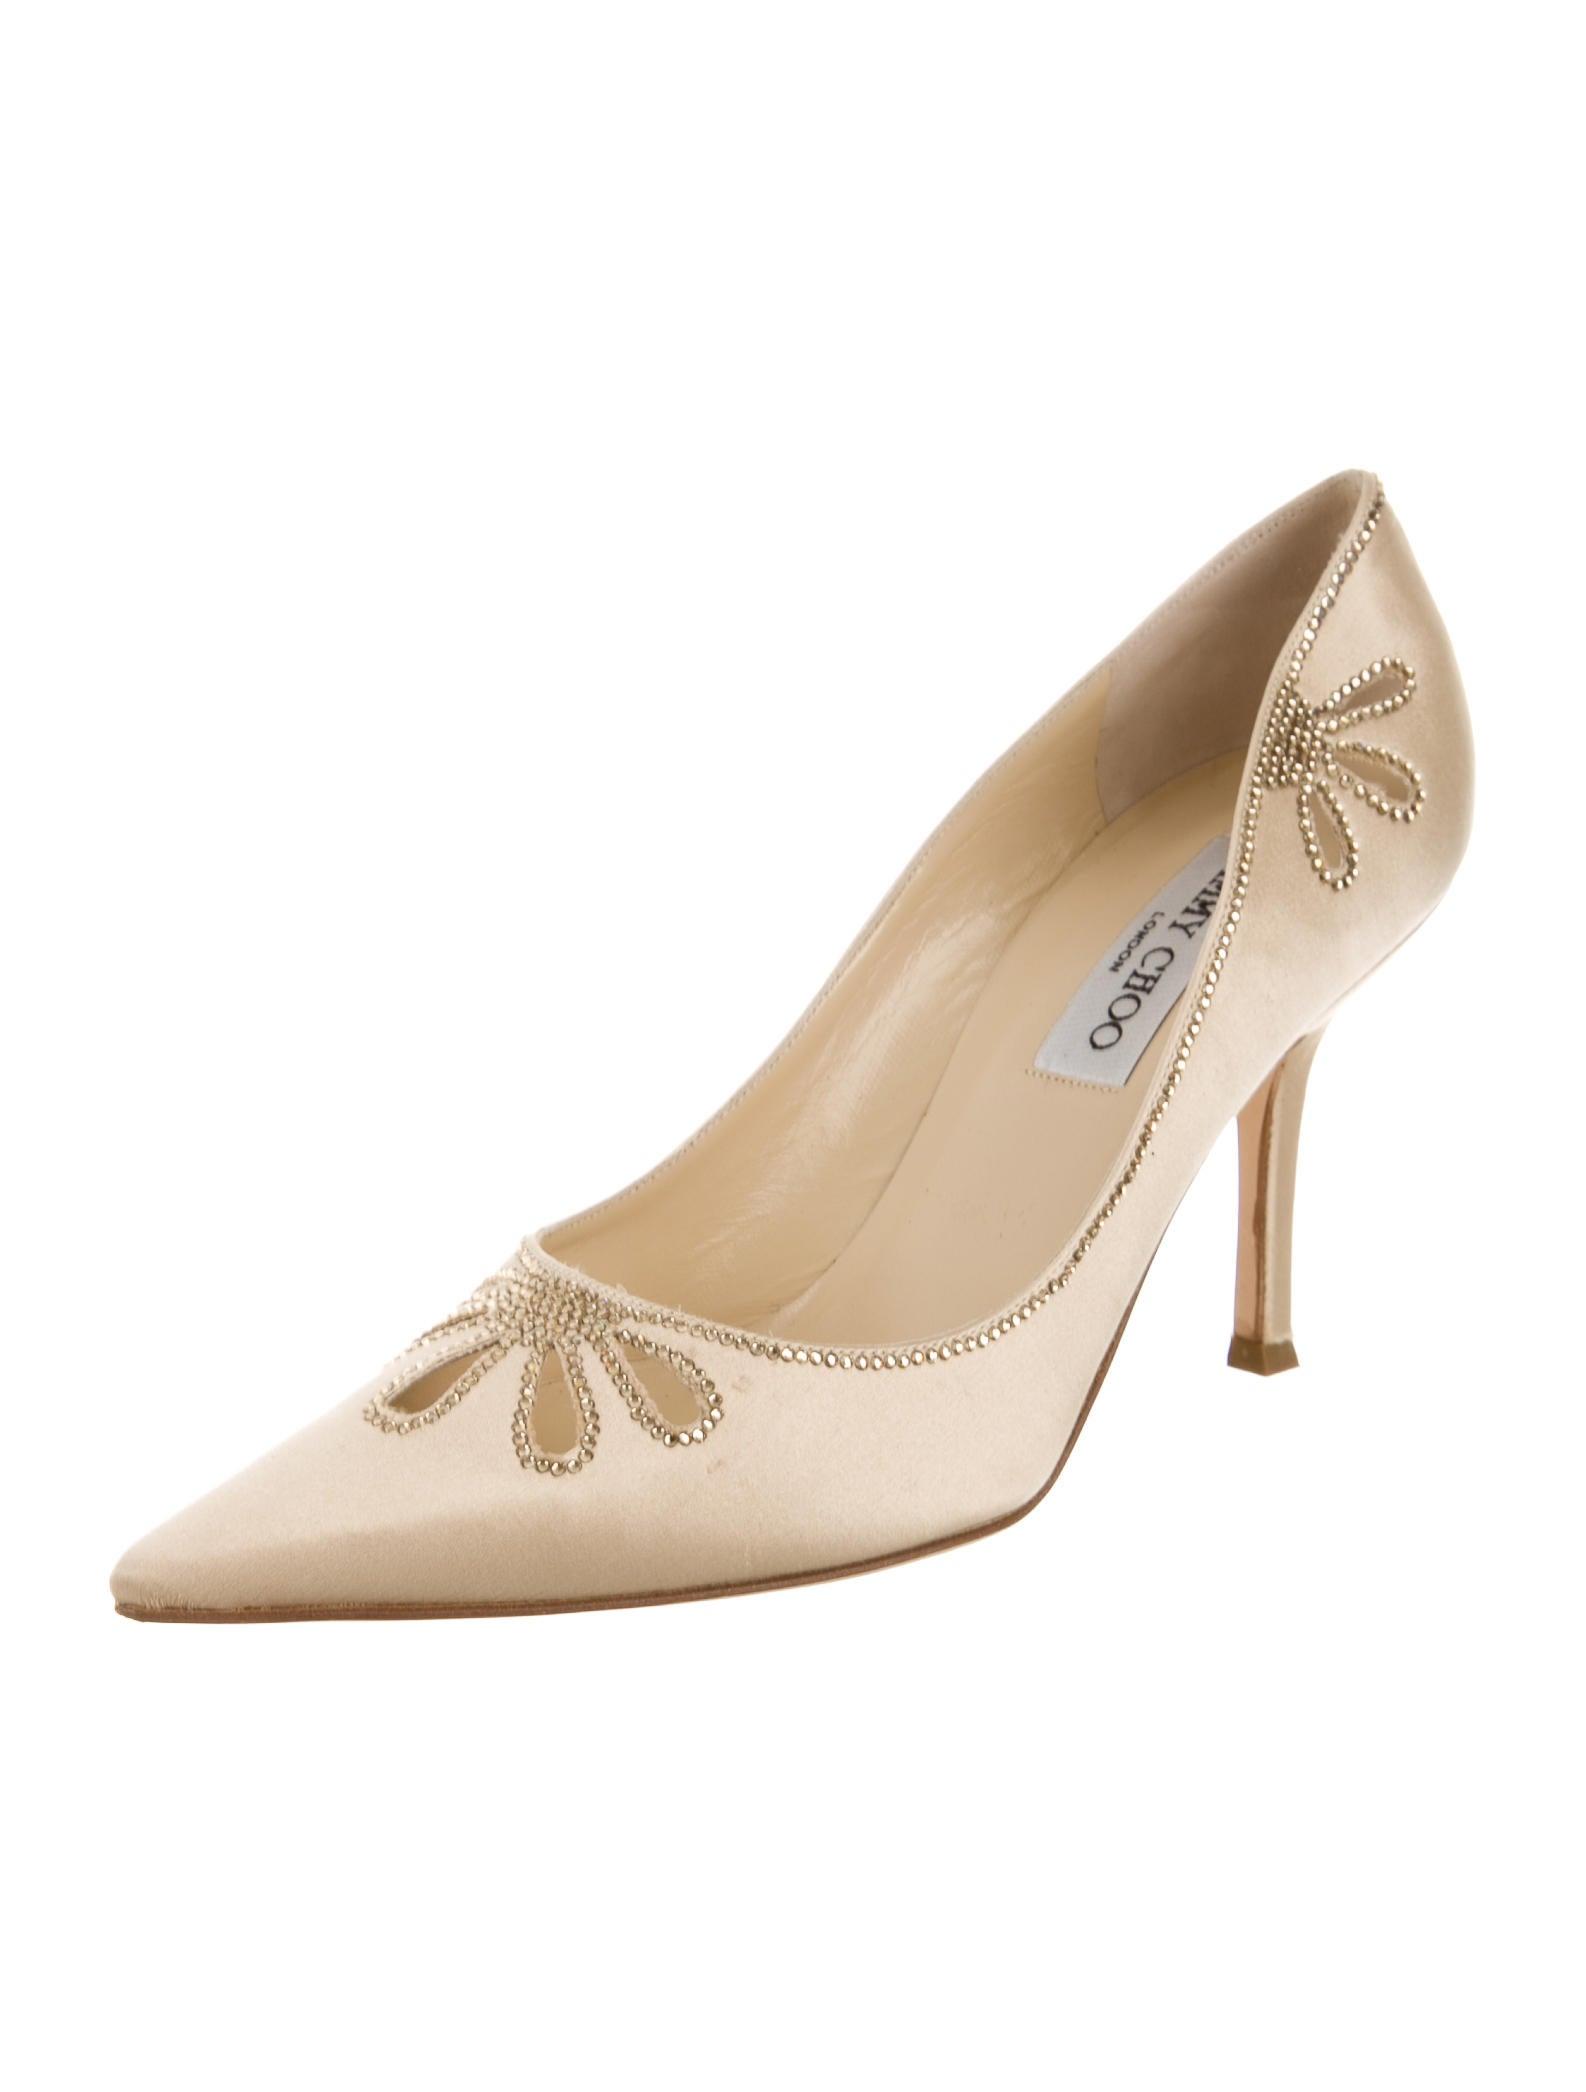 jimmy choo embellished satin pumps shoes jim51362. Black Bedroom Furniture Sets. Home Design Ideas